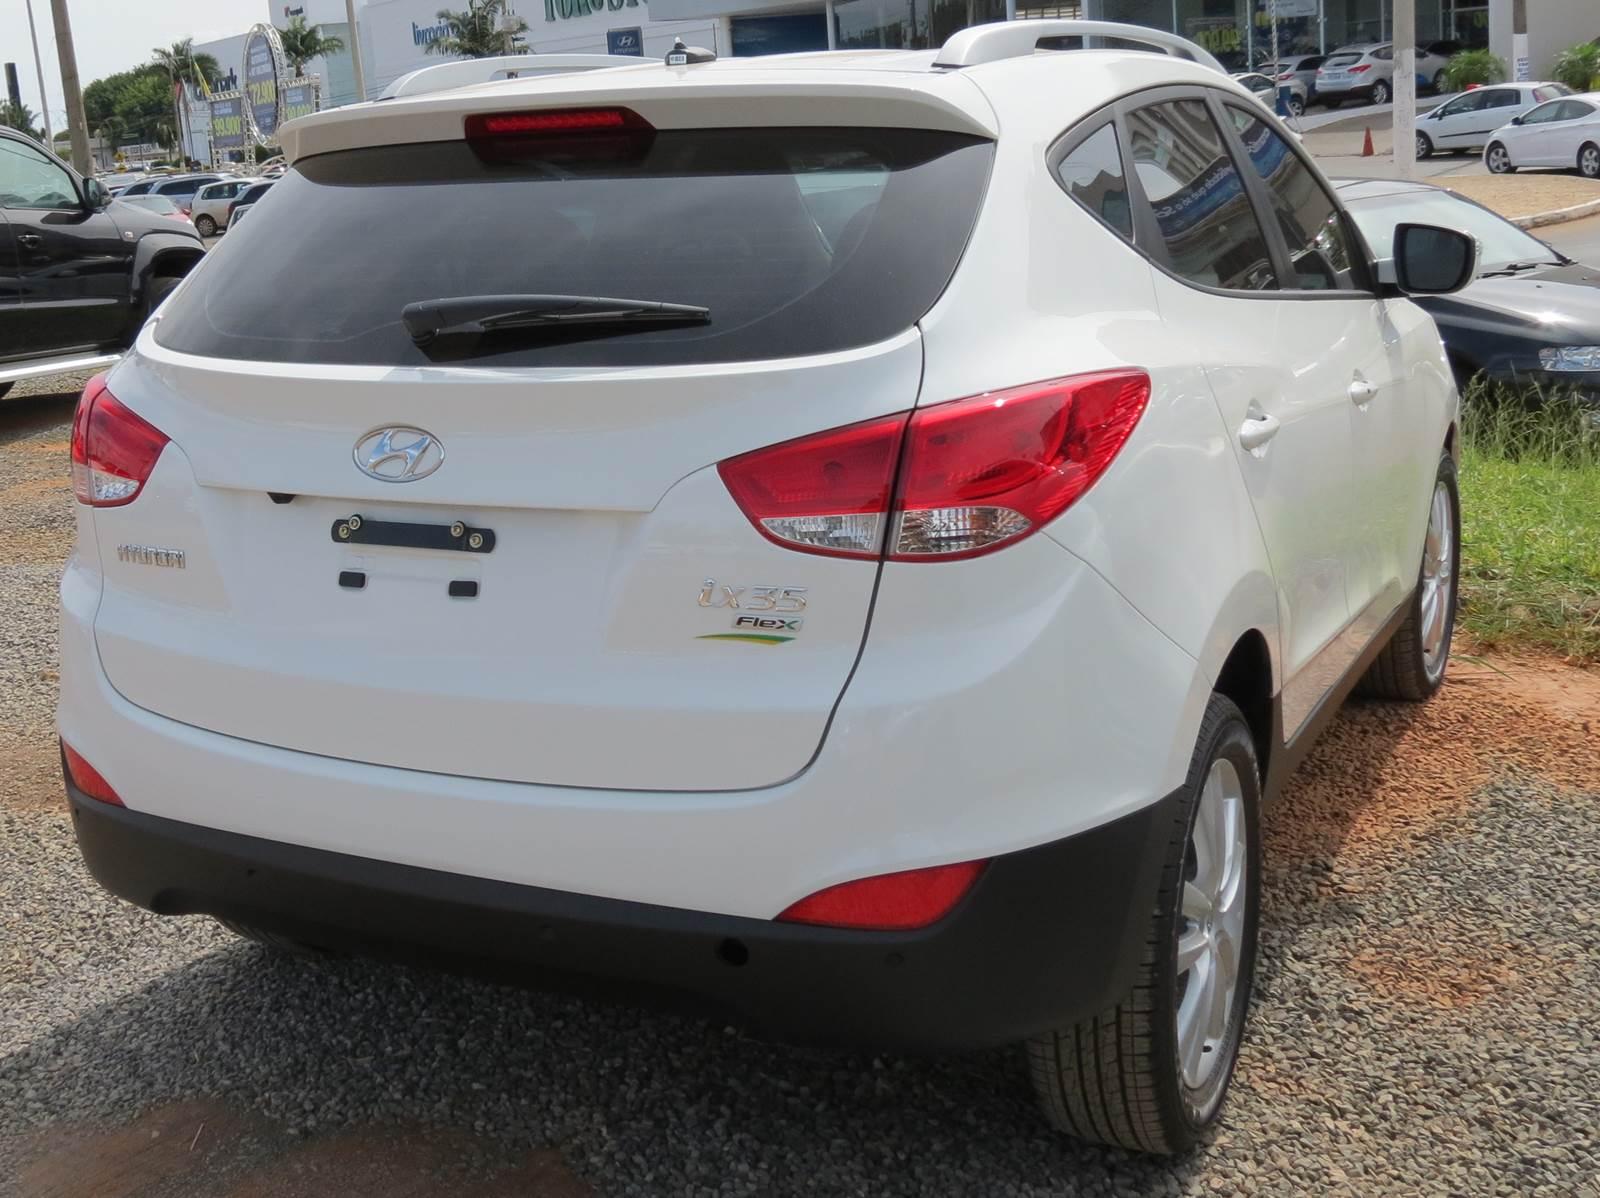 Hyundai Ix35 Flex 2015 - Preço R$ 99.990 reais